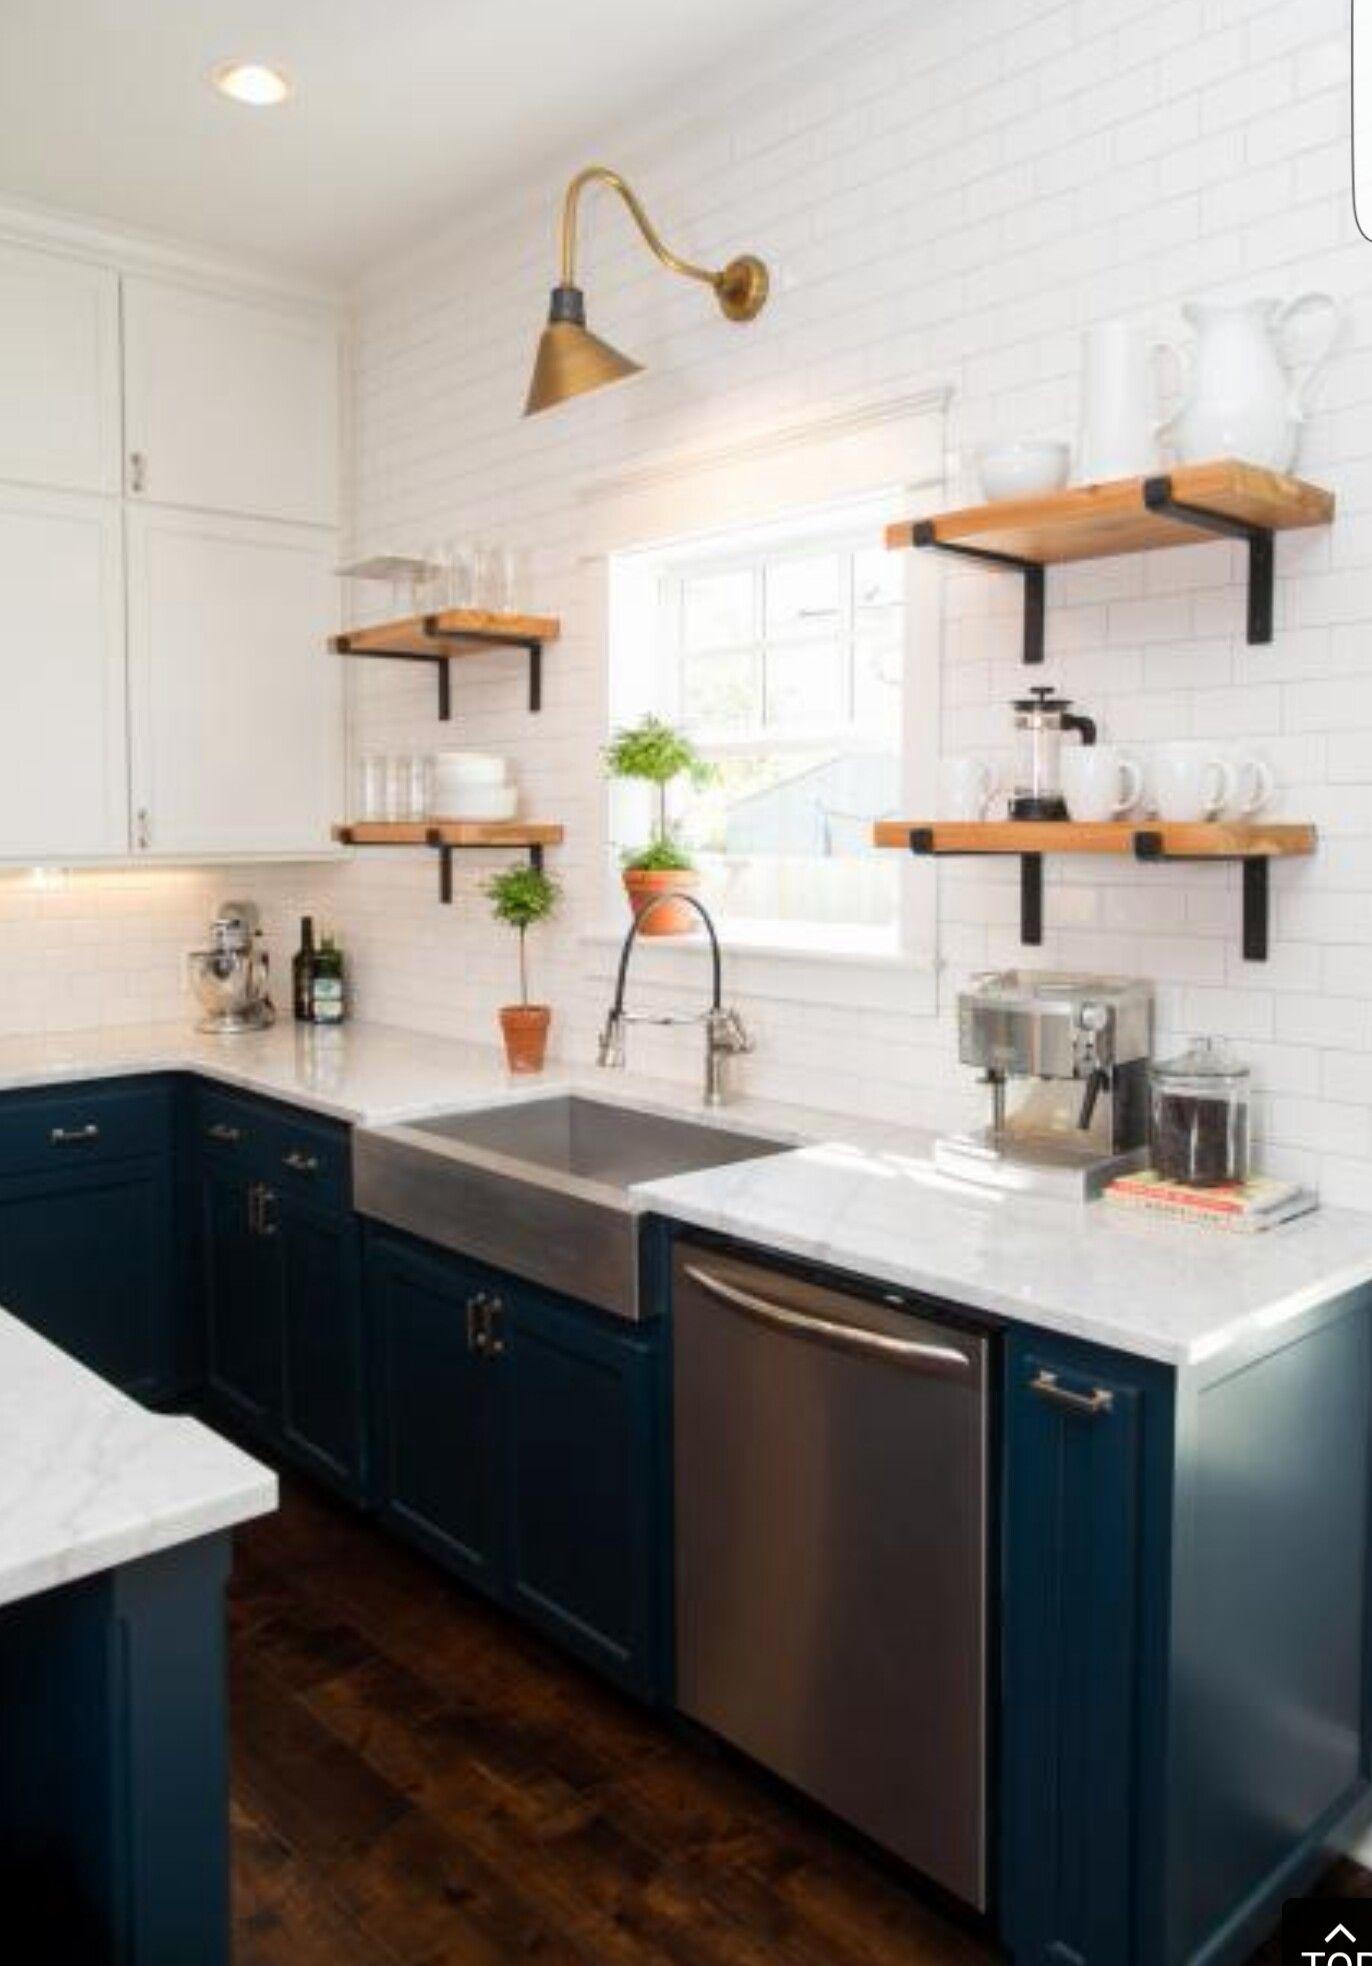 Like the shelves! | Kitchen shelves | Pinterest | Innenausstattung ...